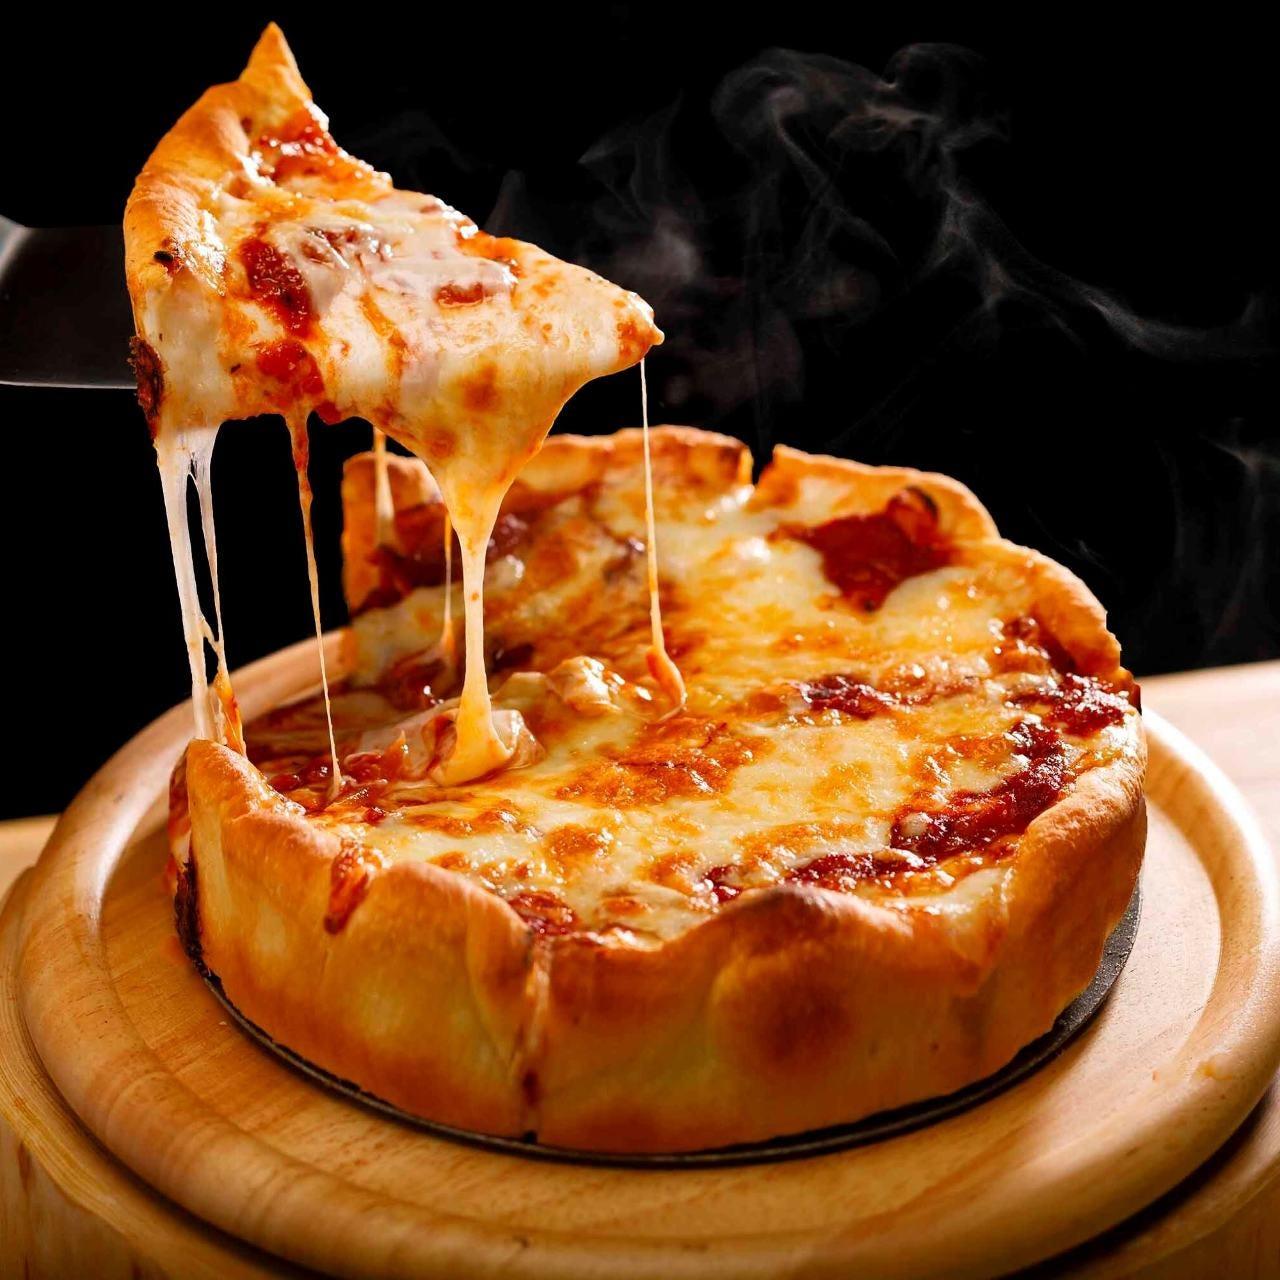 2名様~【乾杯ドリンク付】当店人気3種の中から選べるシカゴピザと前菜、サイドメニュー付きセット